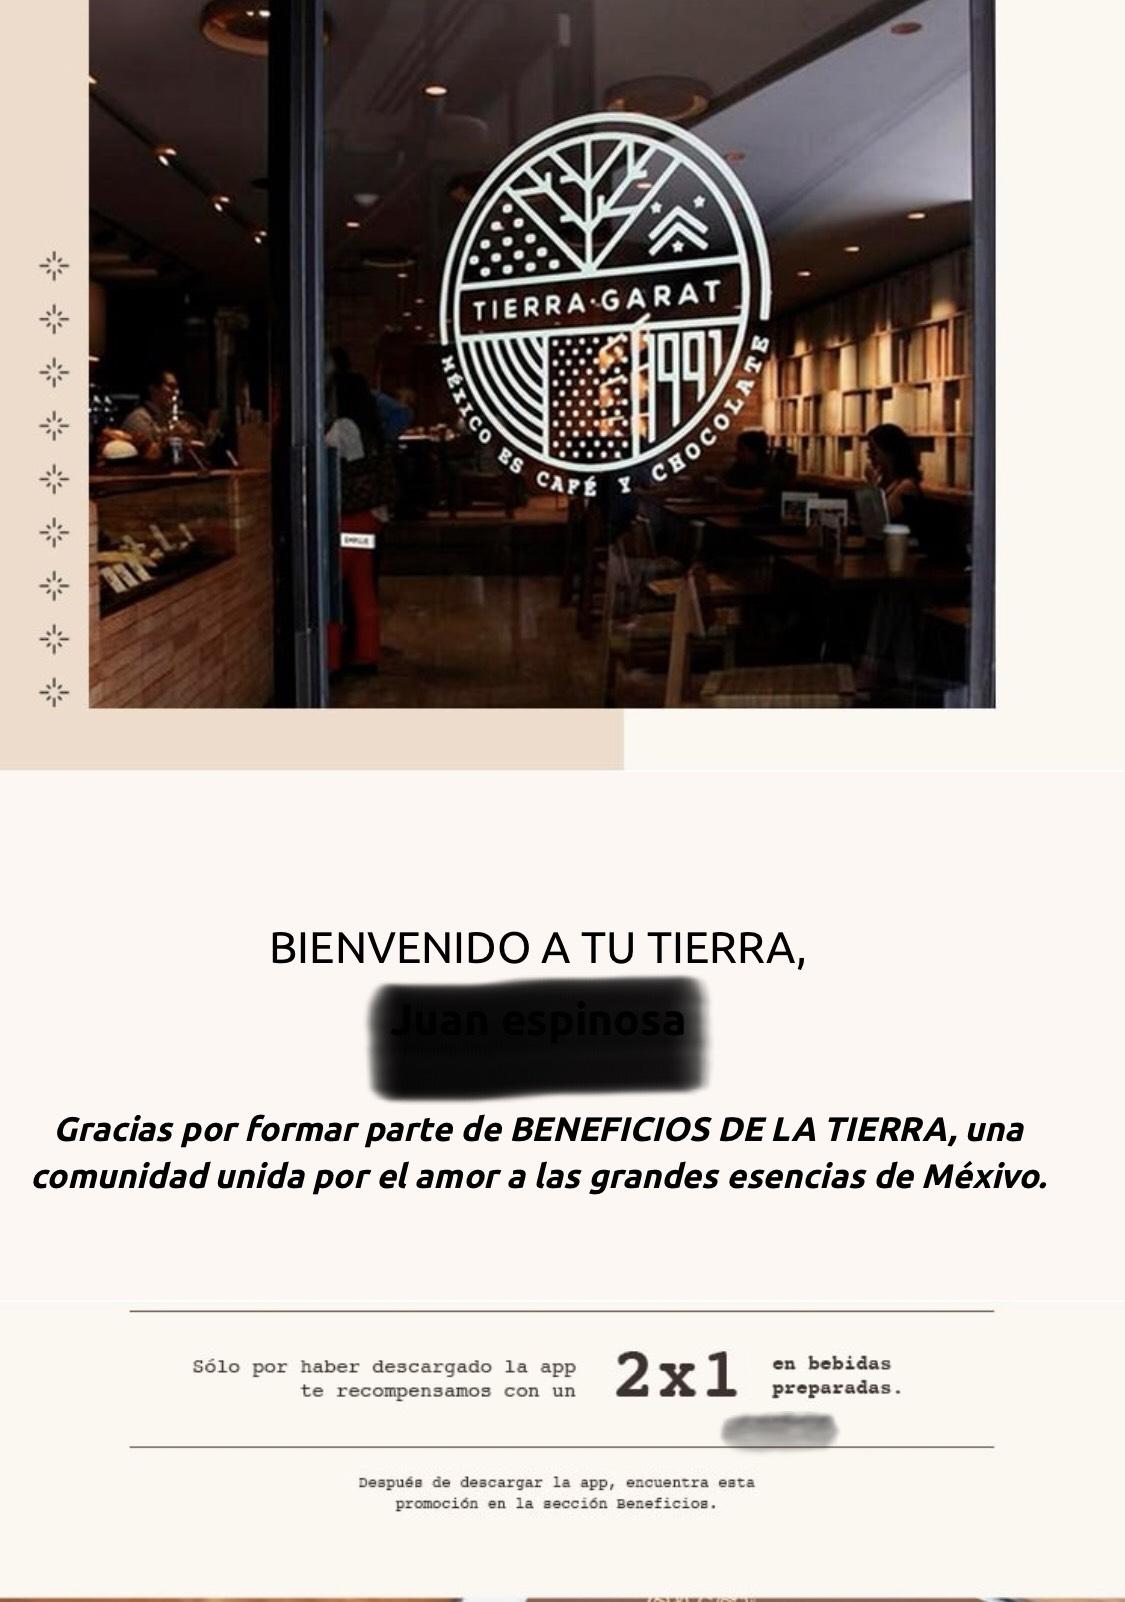 Tierra Garat: Café al 2x1 usuarios nuevos en primera compra con la app